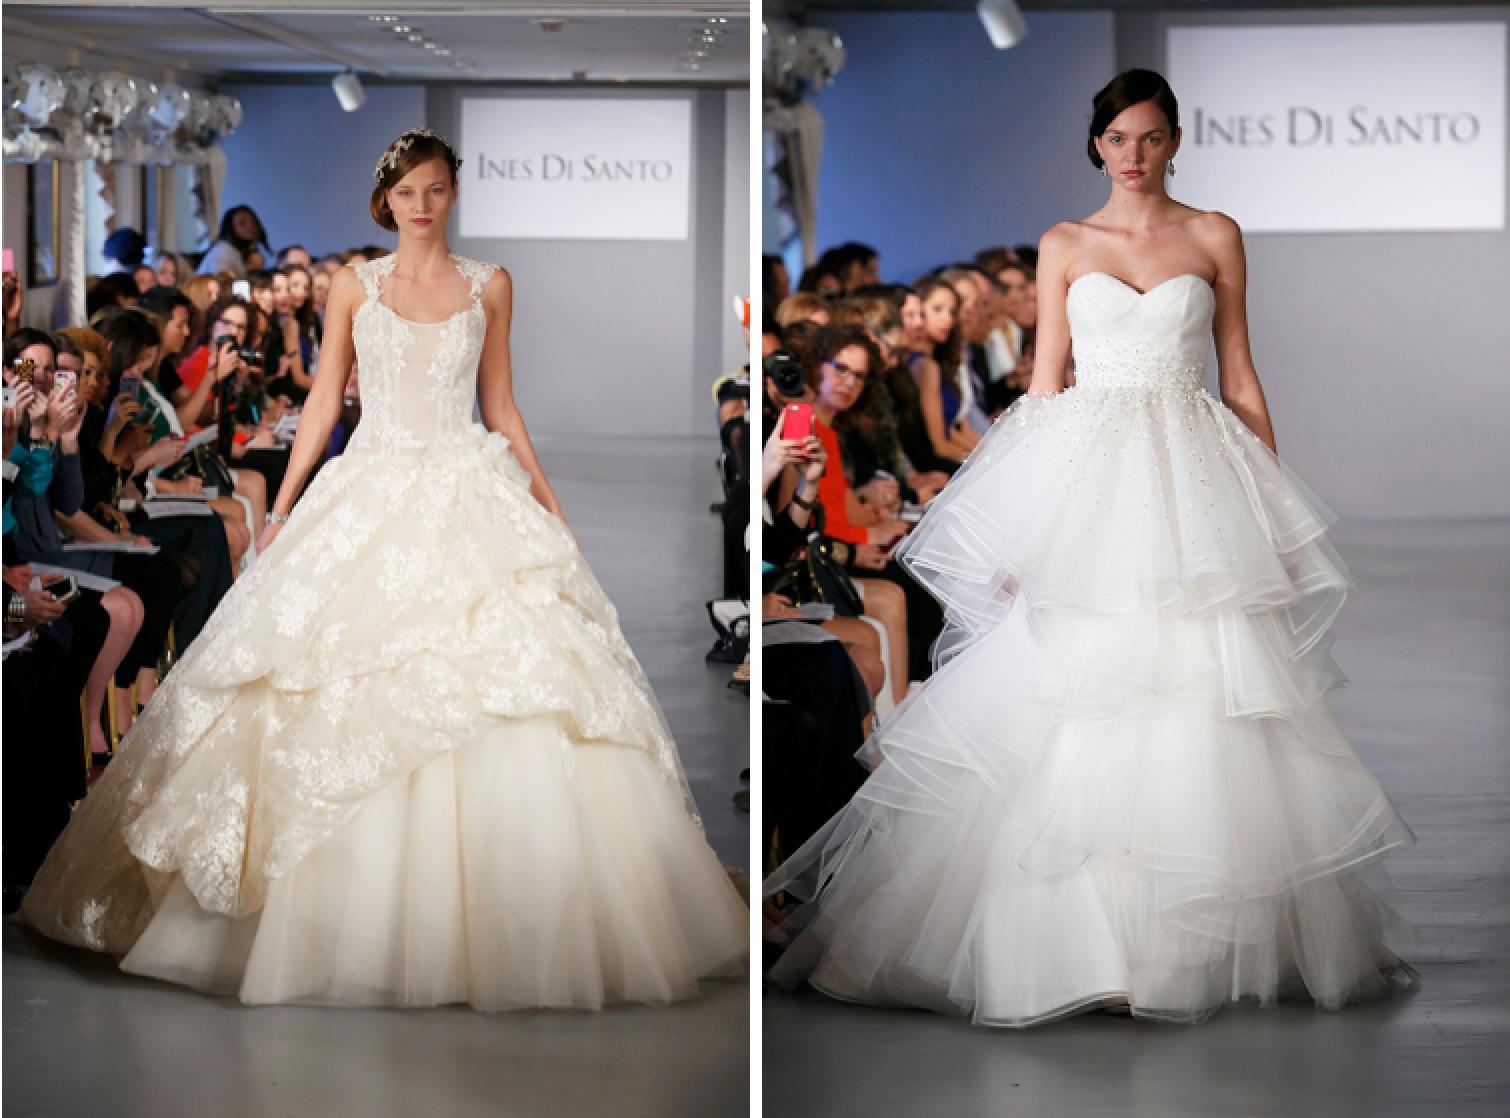 Best wedding dress ever